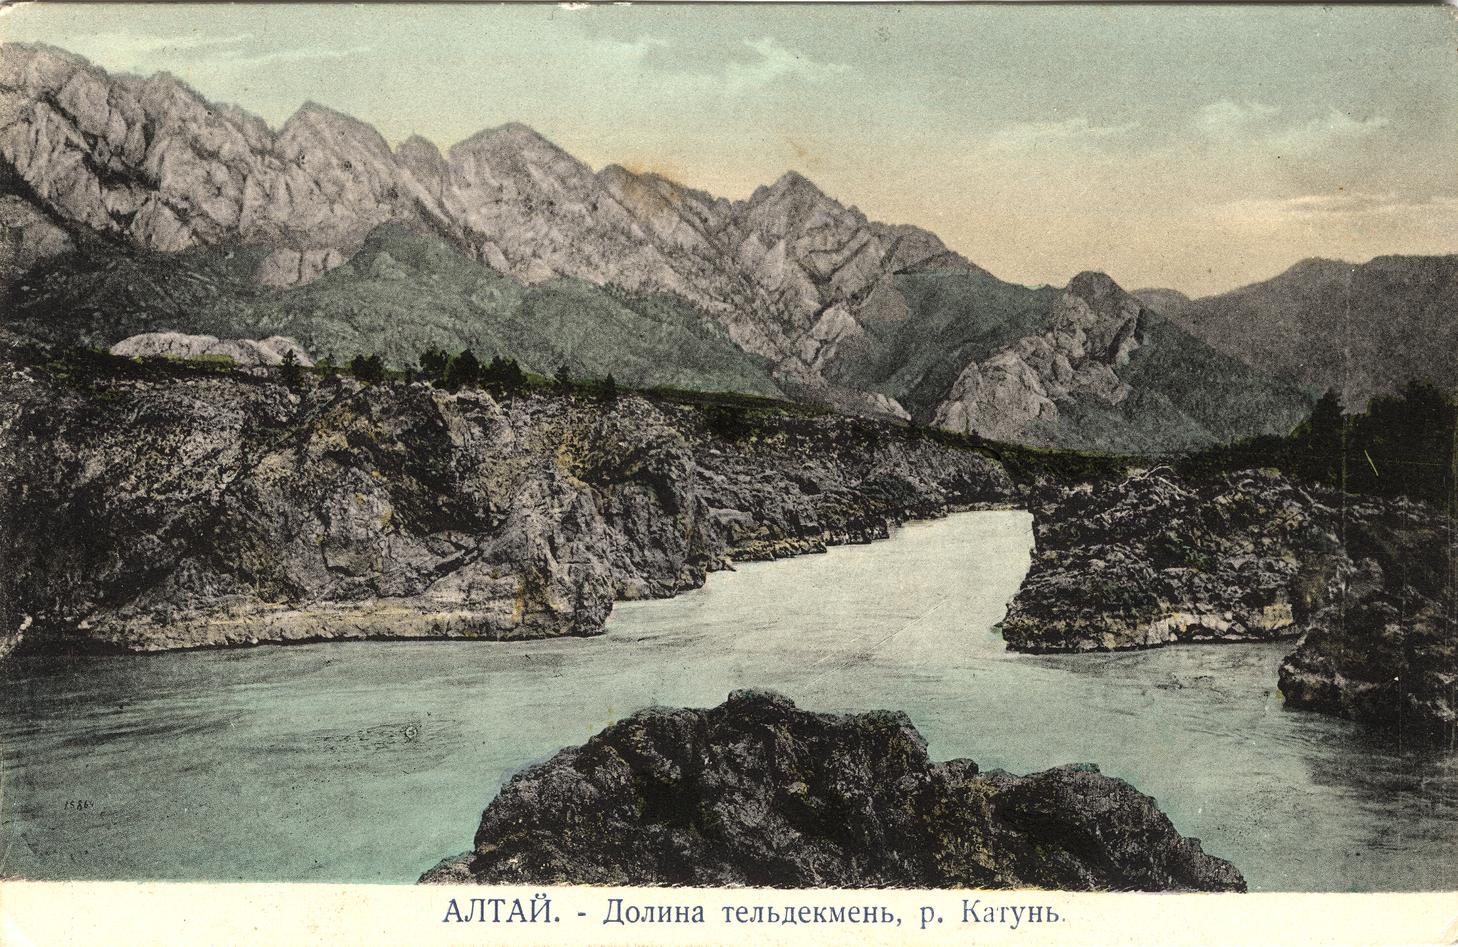 Долина реки Катунь в районе села Чемал. Порог Тель-декмень (Эджиганский порог)